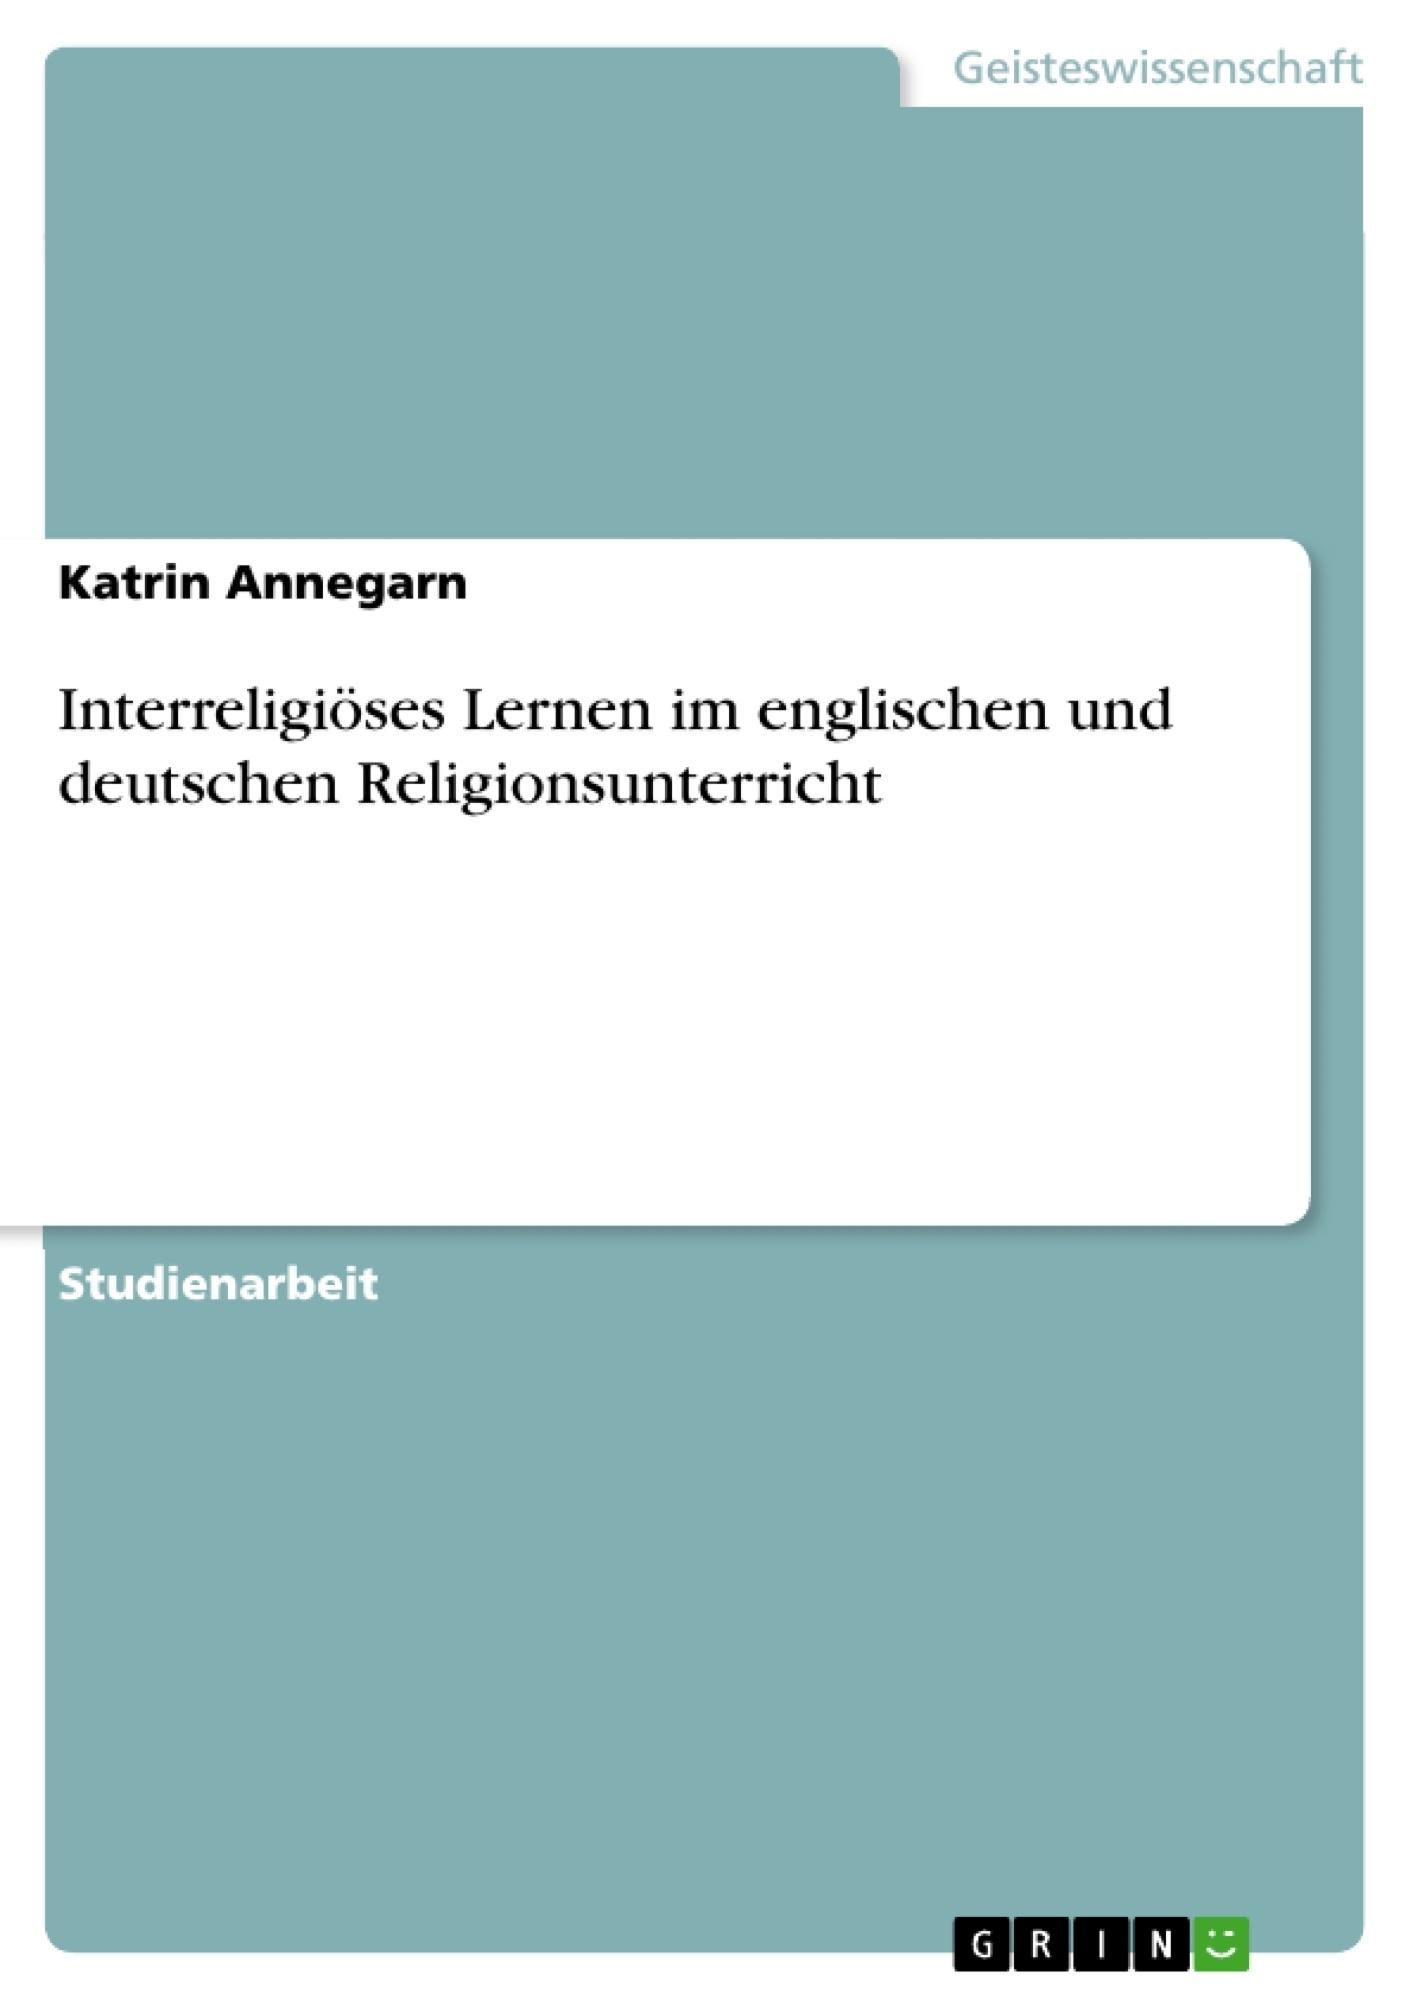 Titel: Interreligiöses Lernen im englischen und deutschen Religionsunterricht